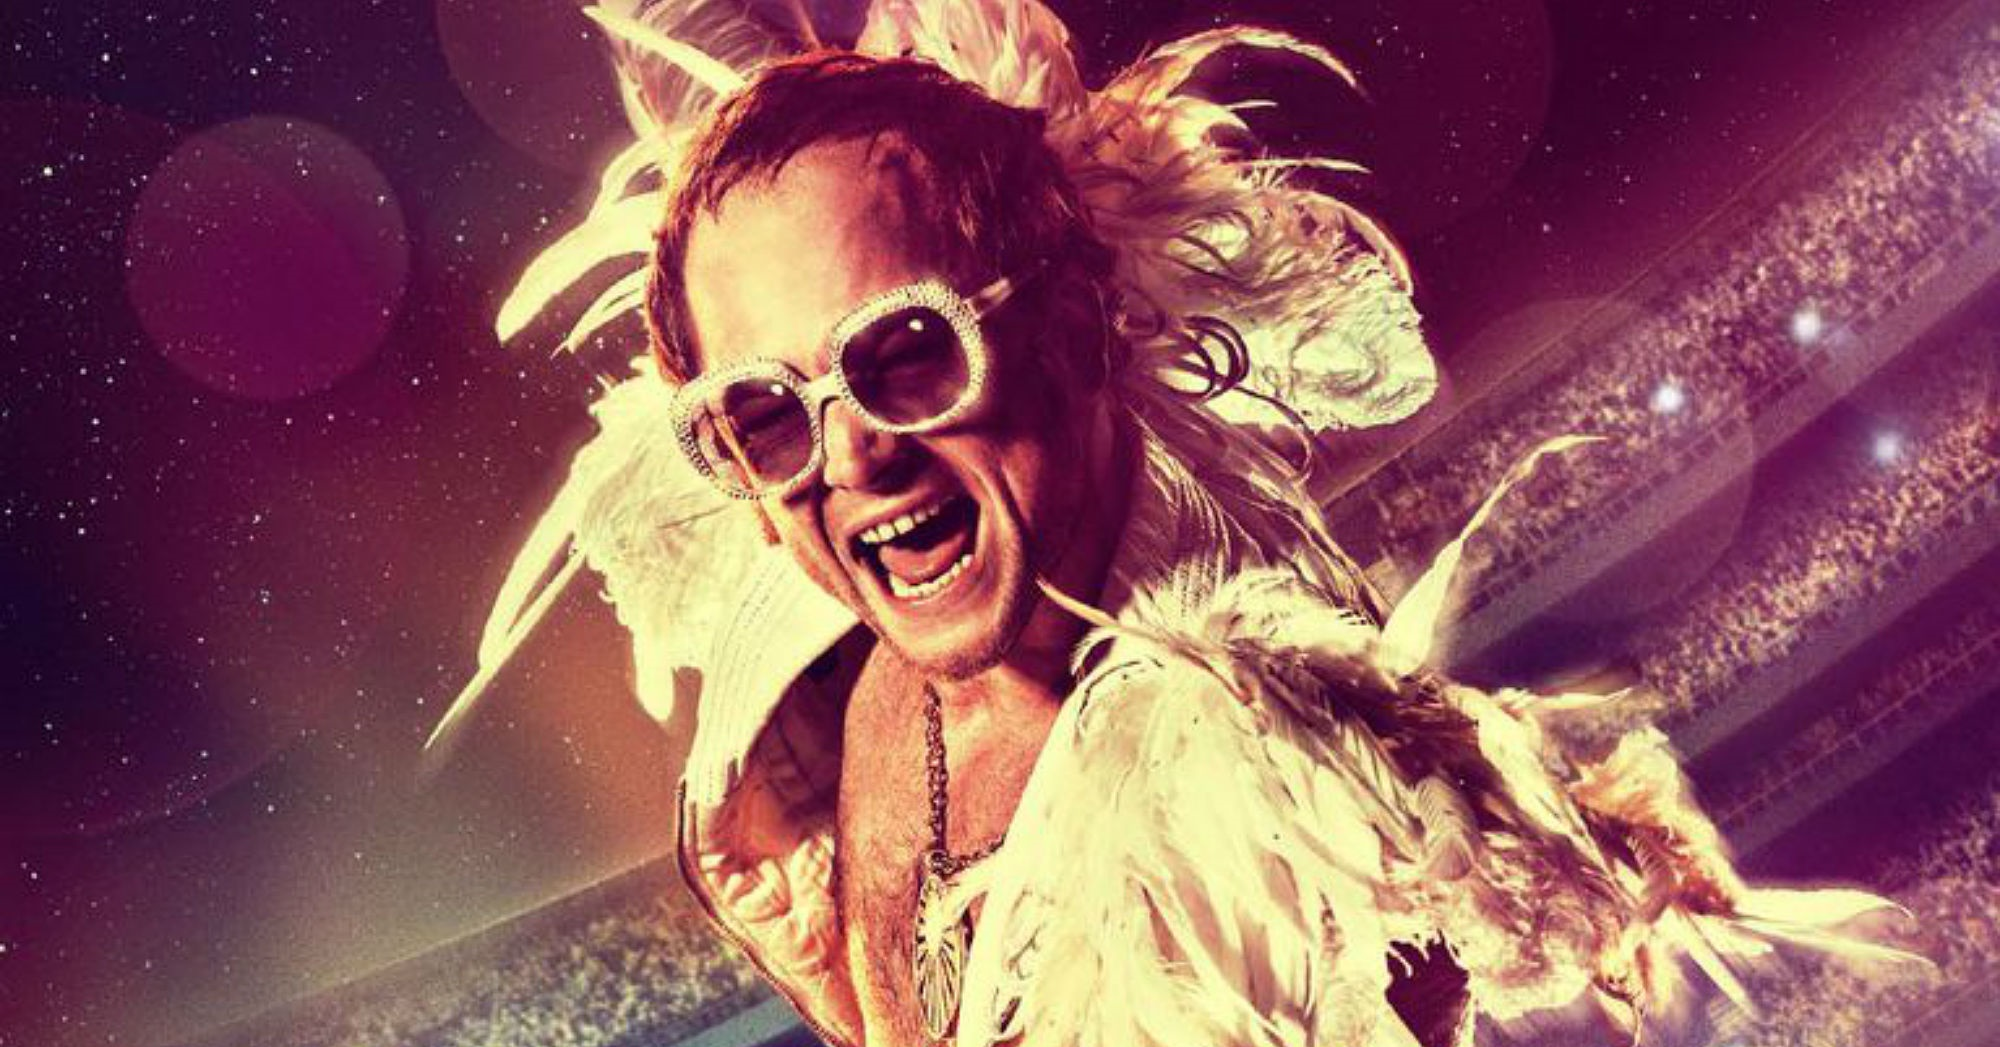 Três canais de TV exibem especial de Rocketman, filme de Elton John